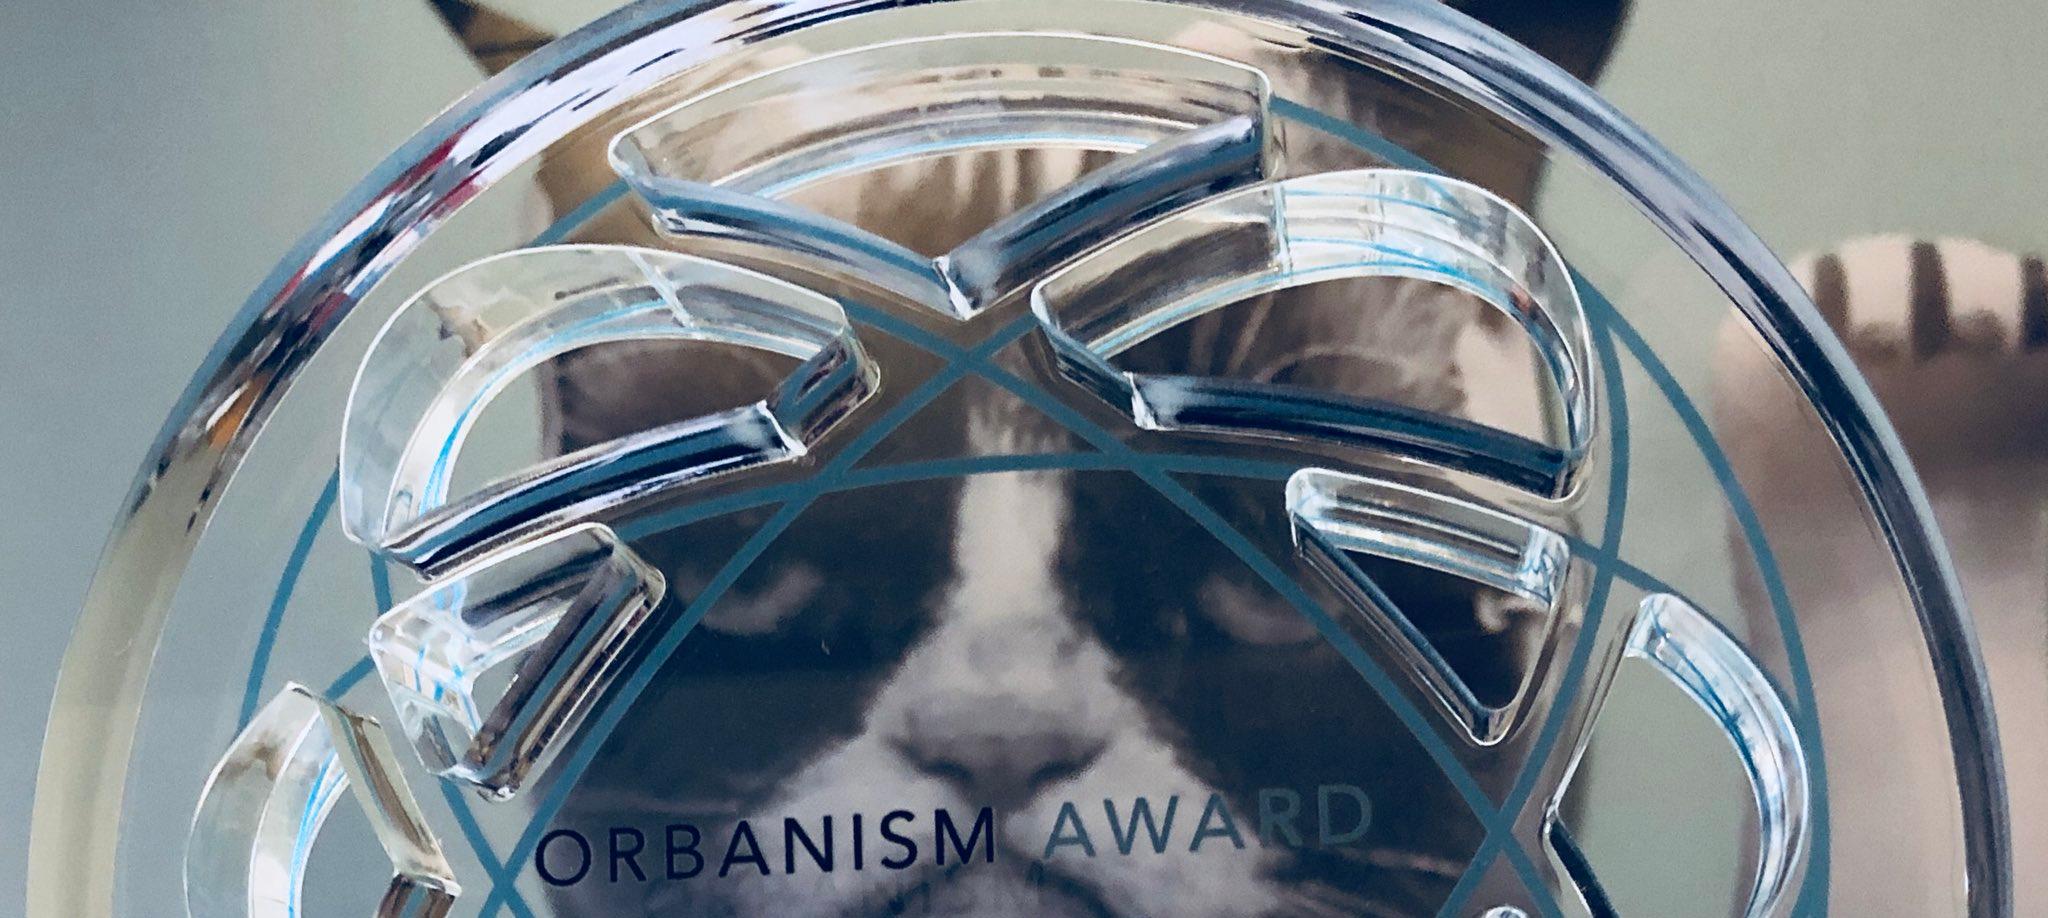 ORBANISM AWARD